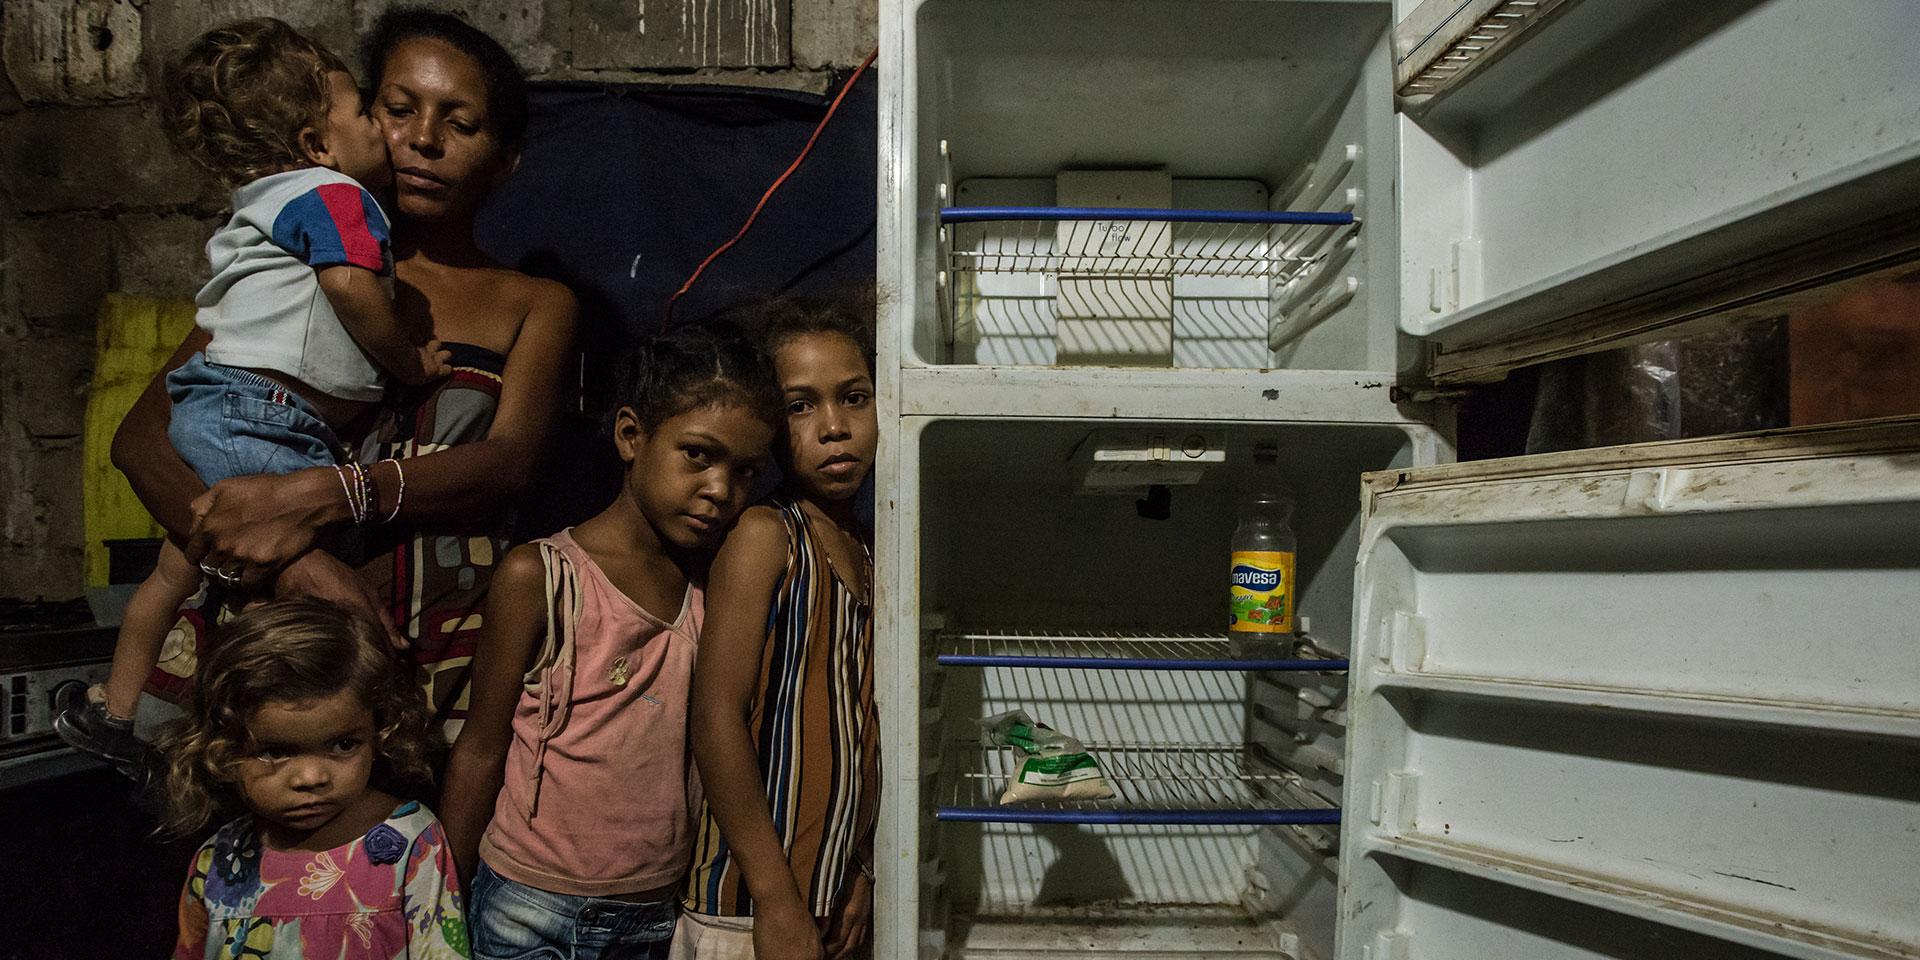 venezuela hunger tragedies